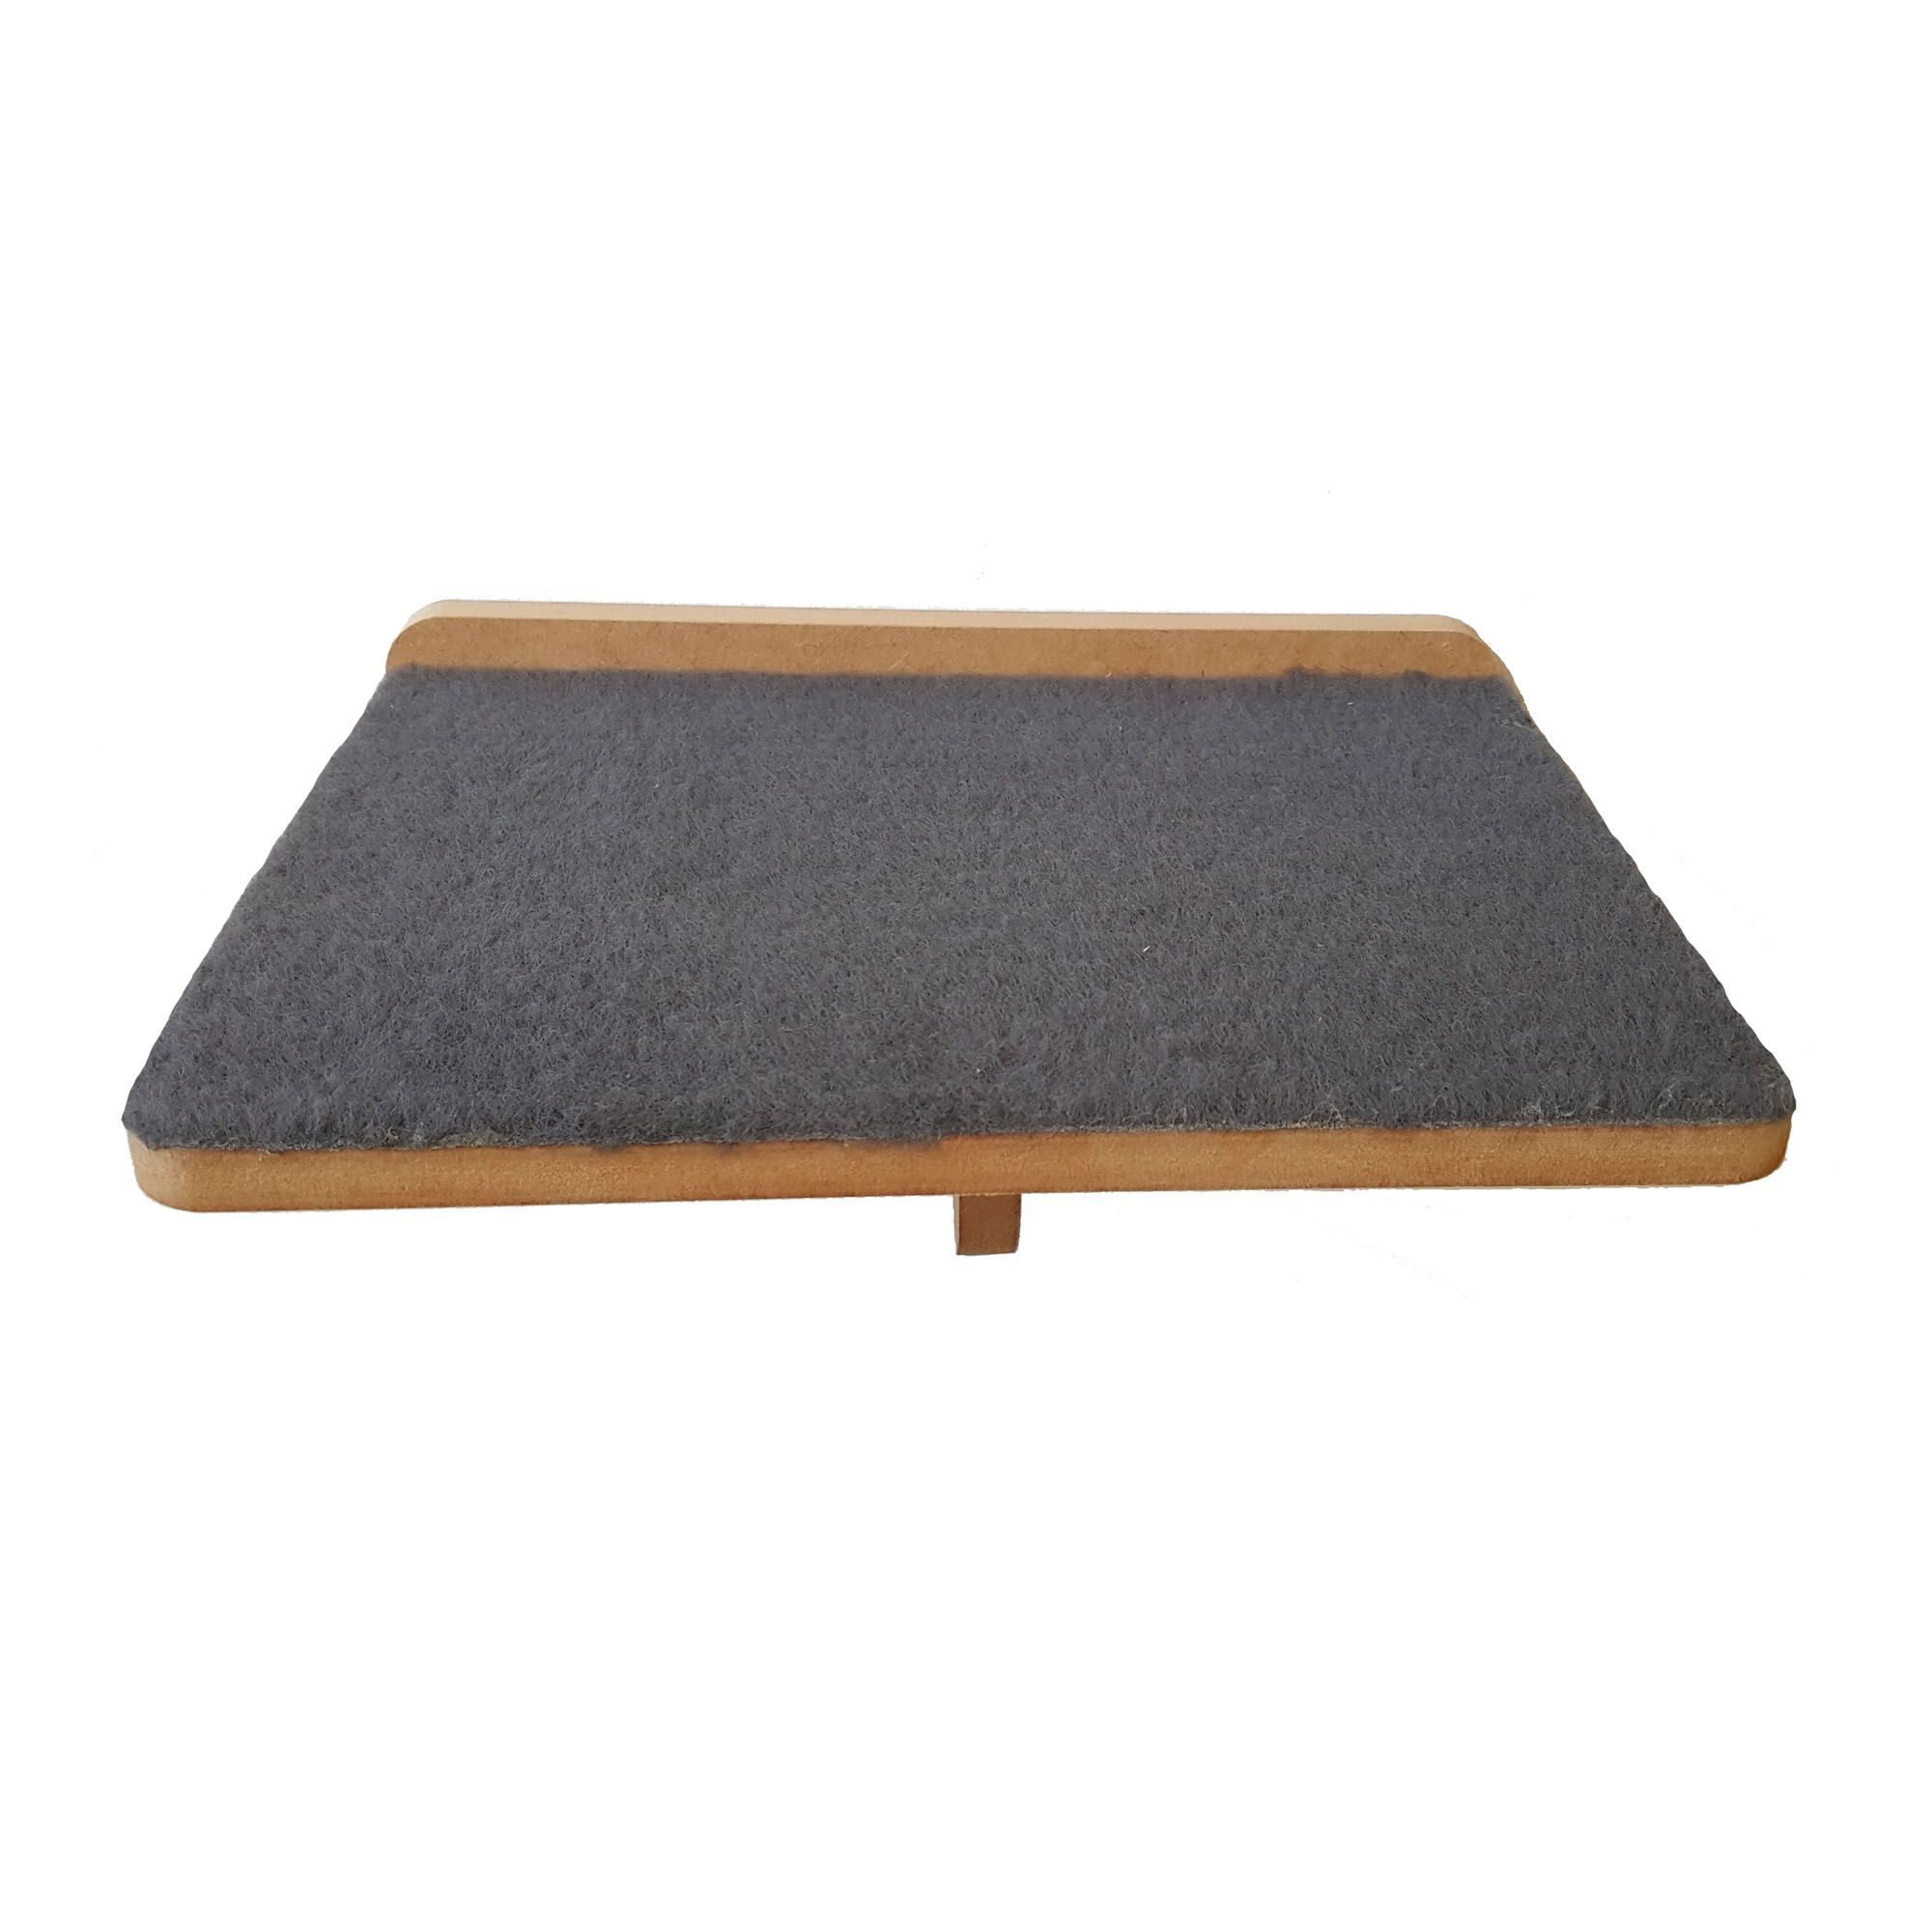 Prateleira Arranhador em Carpete - Gato Pet Mdf 15mm